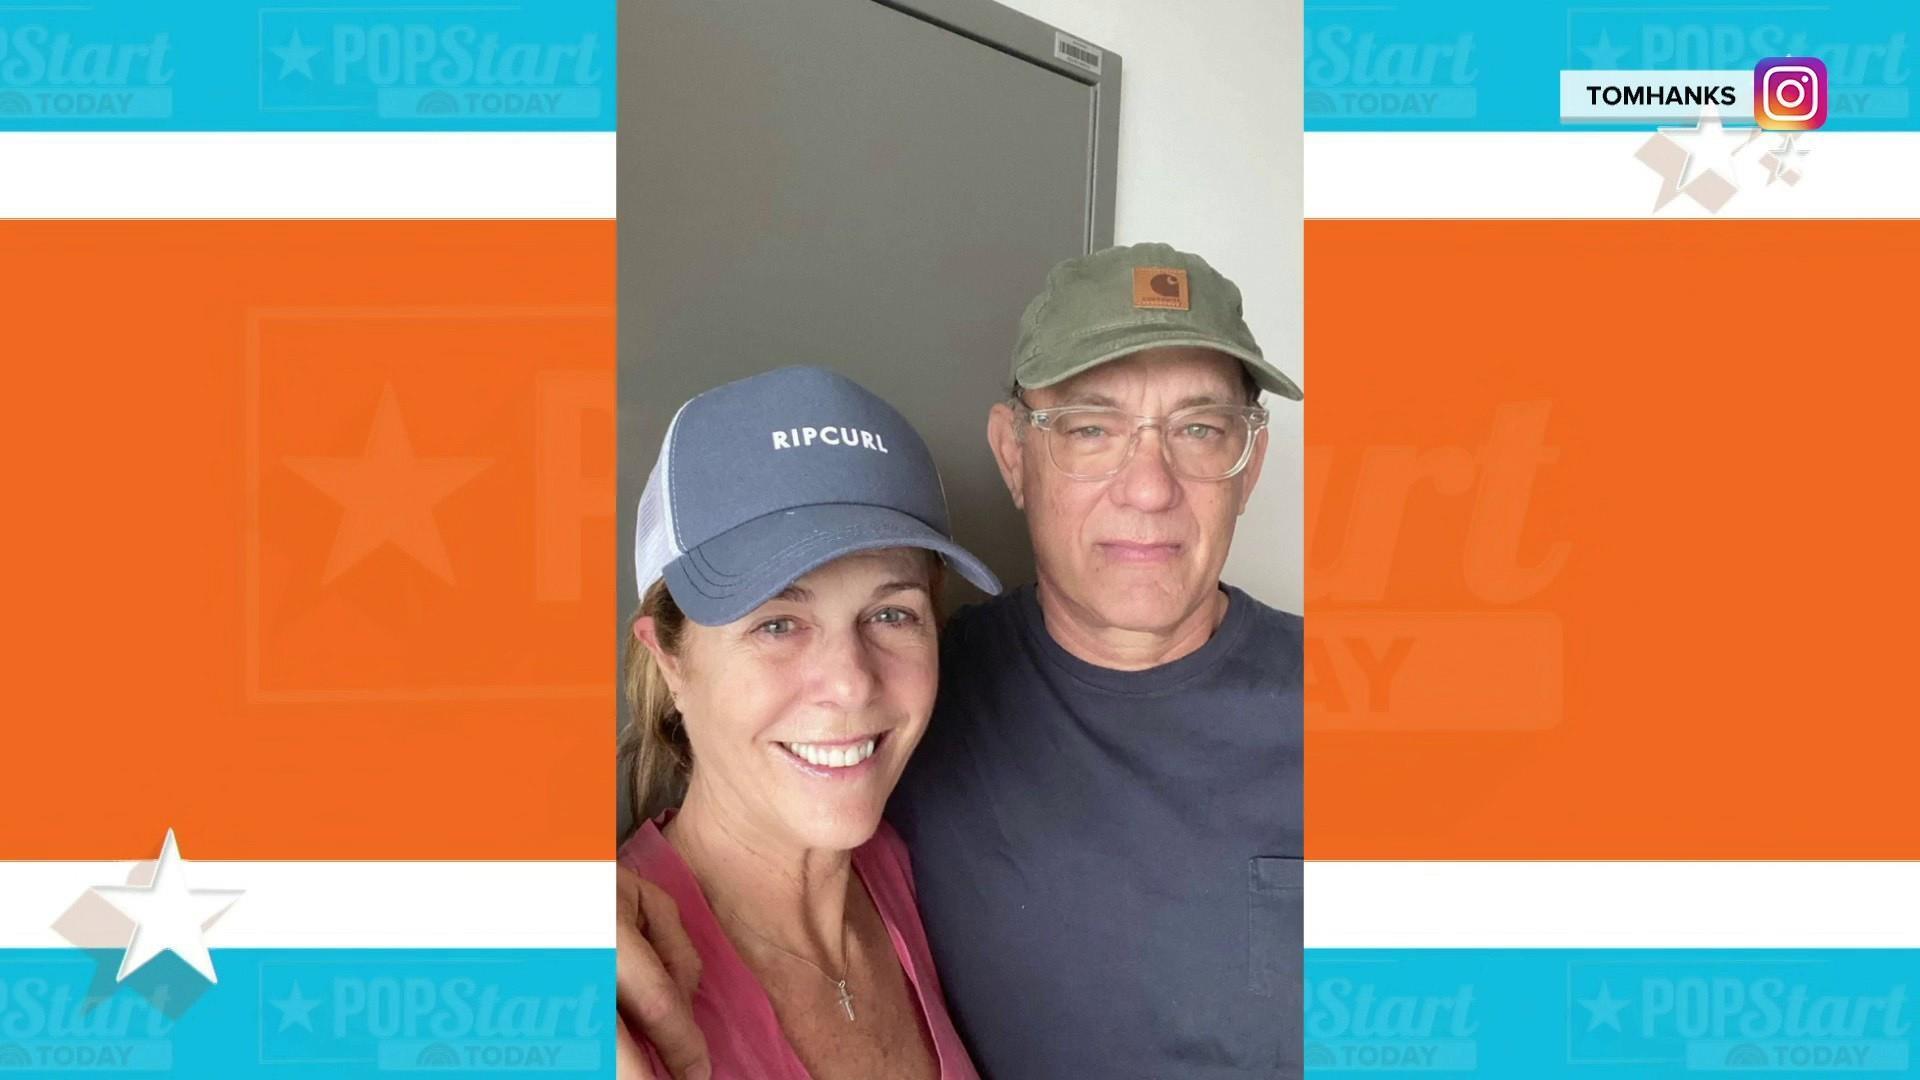 Tom Hanks Latest Coronavirus Update Inspired By Mister Rogers